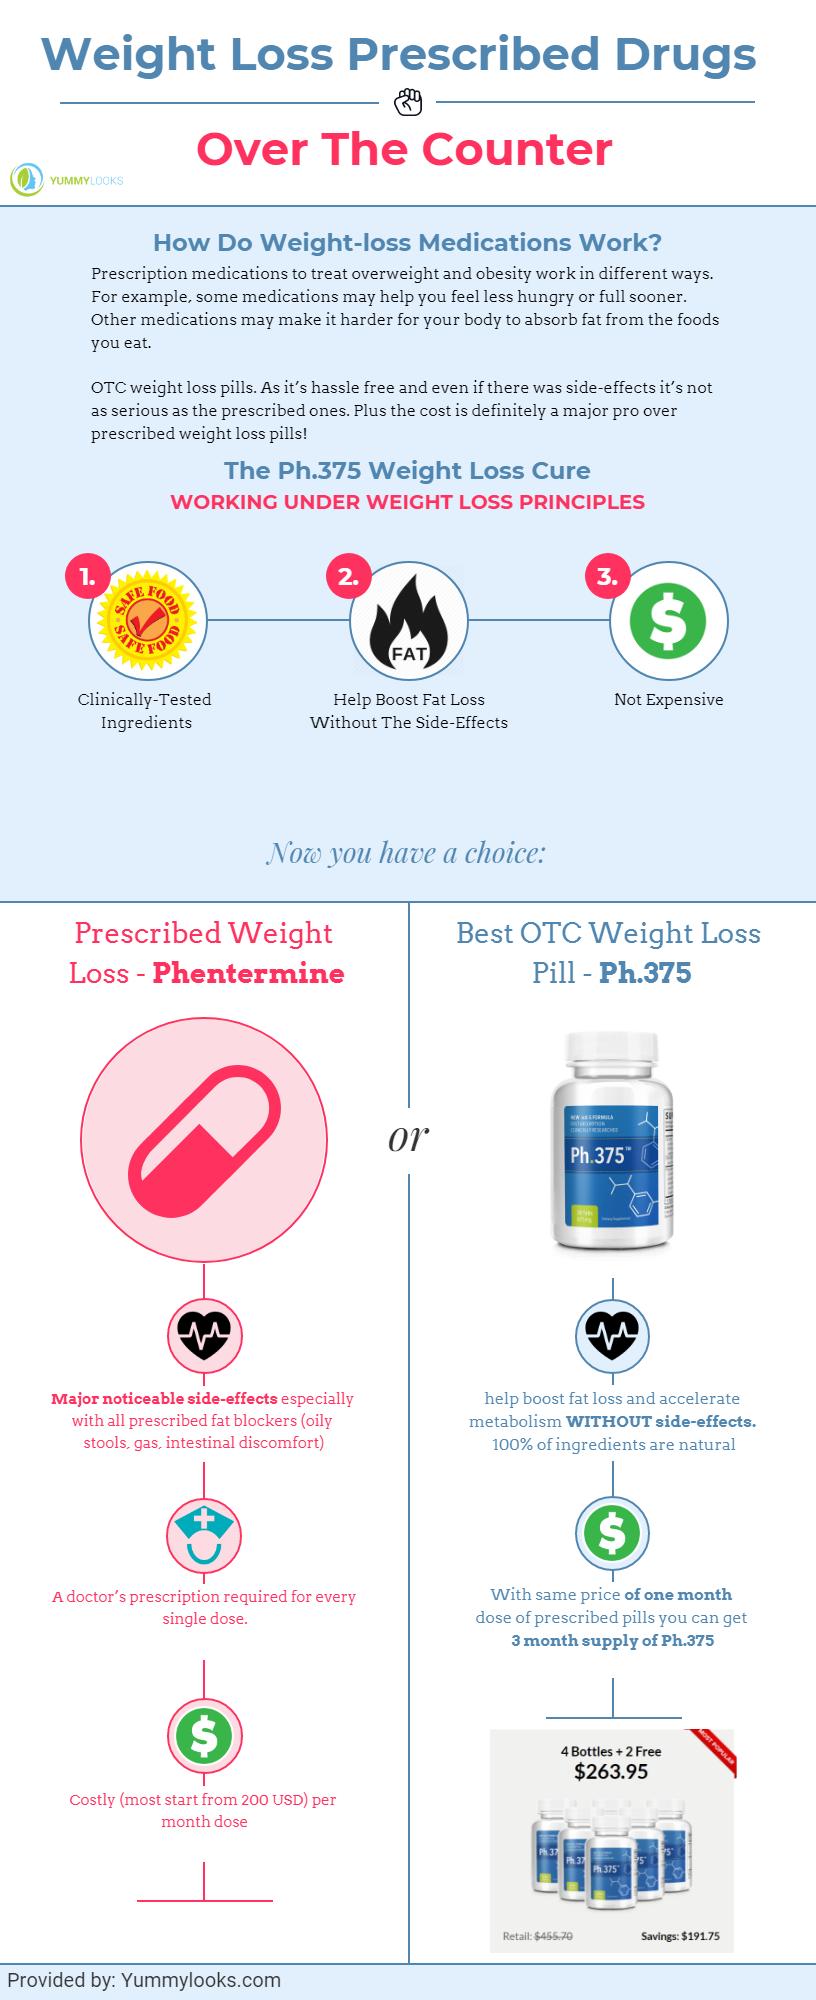 Prescribed WEight loss pills vs otc weight loss pills